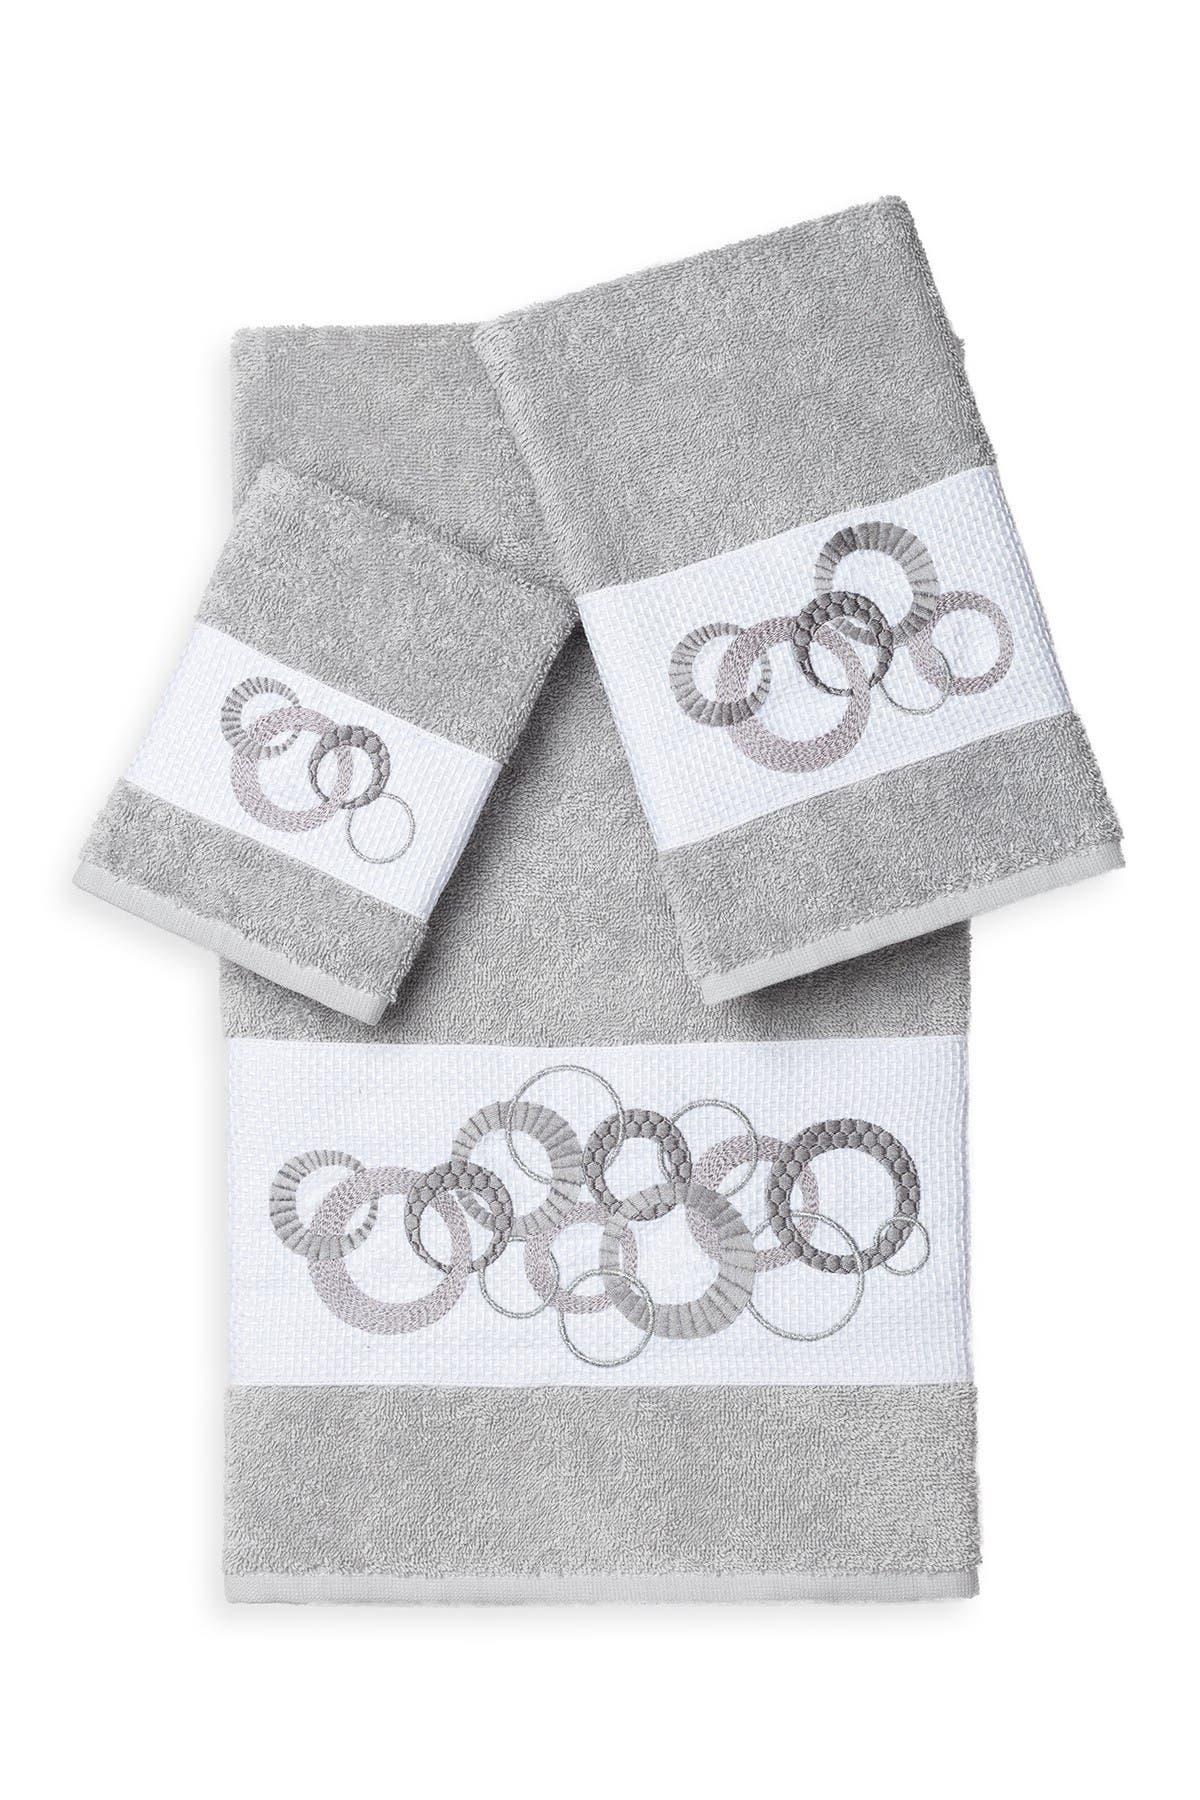 Image of LINUM TOWELS Annabelle 3-Piece Embellished Towel Set - Light Grey